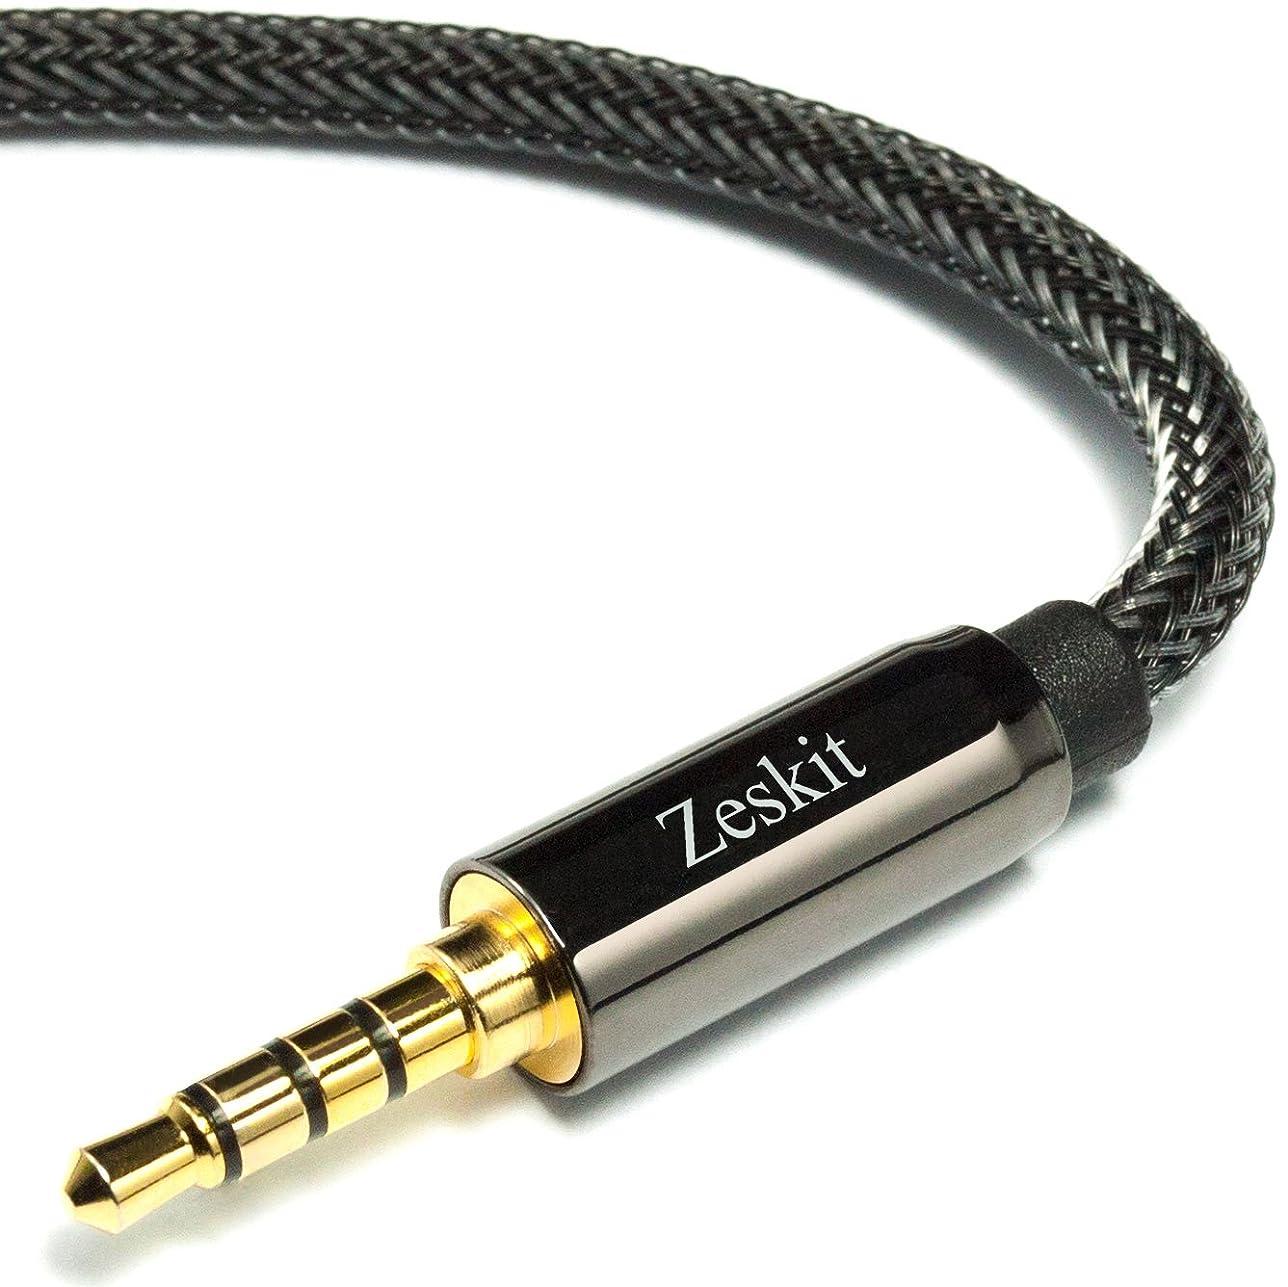 アイドルアクロバット定数Zeskit 4極3.5mmステレオオーディオケーブル 長さ1.2m ナイロンメッシュケーブル オス-オス